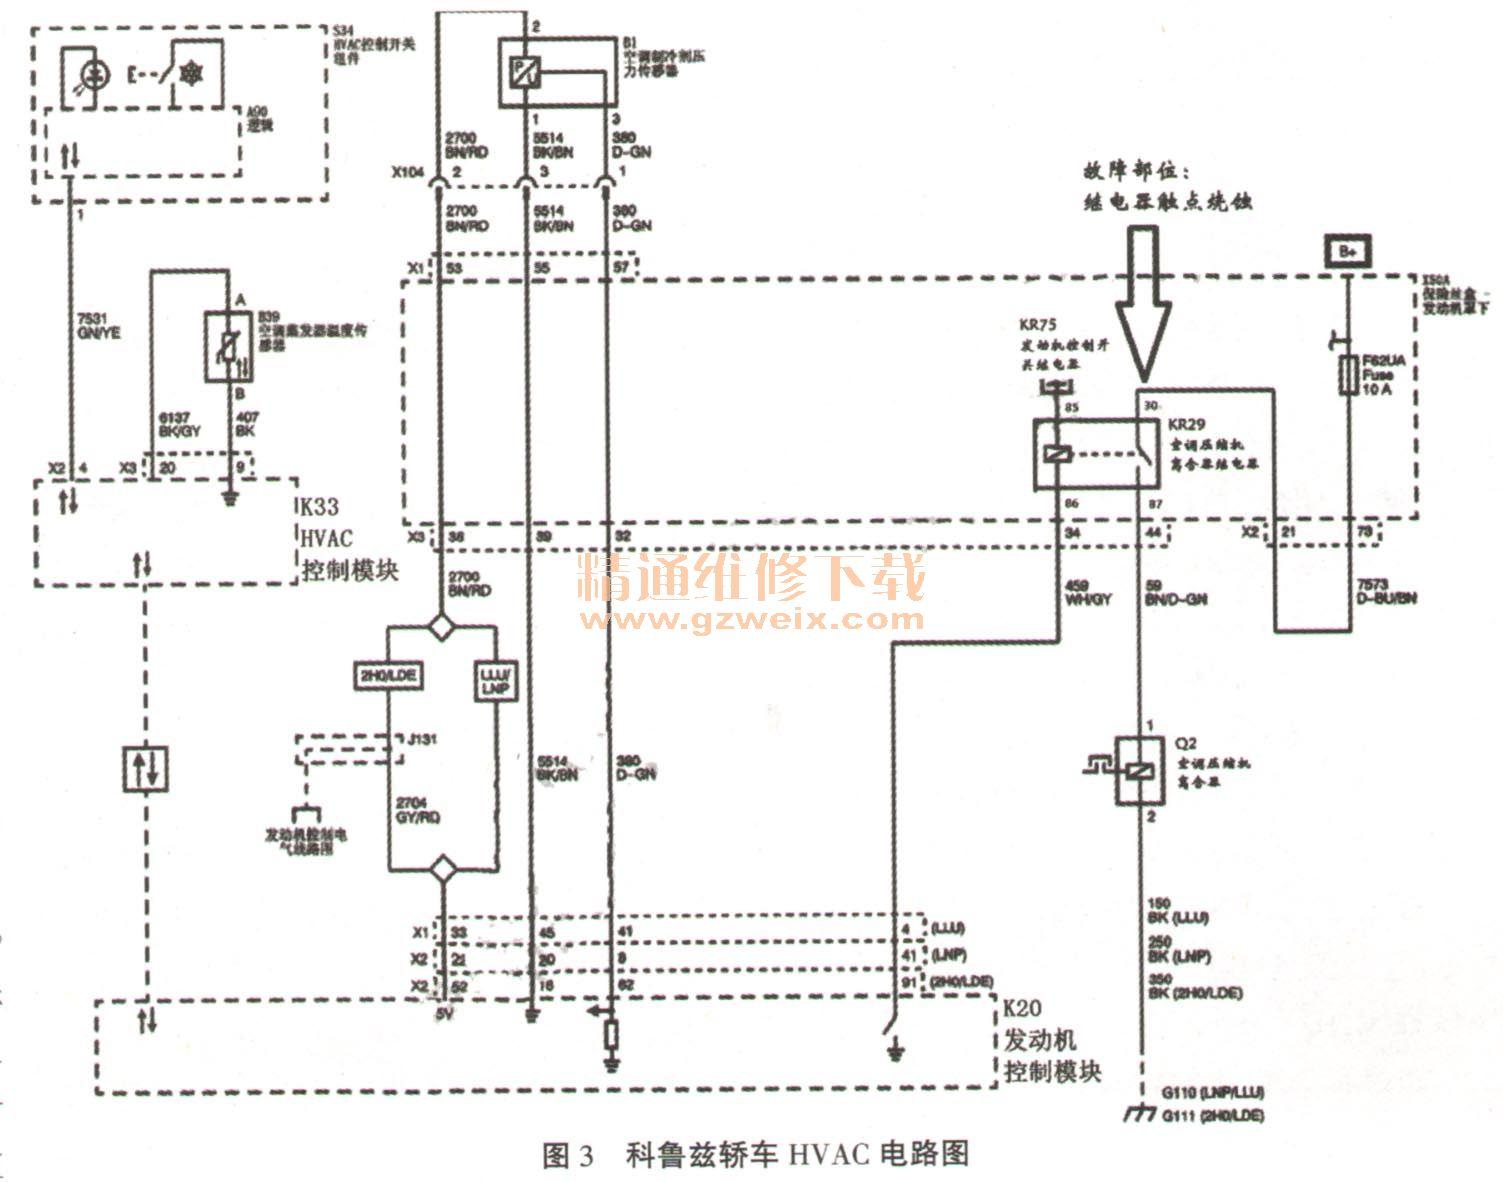 科鲁兹轿车的hvac电路查找控制压缩机工作的继电器kr